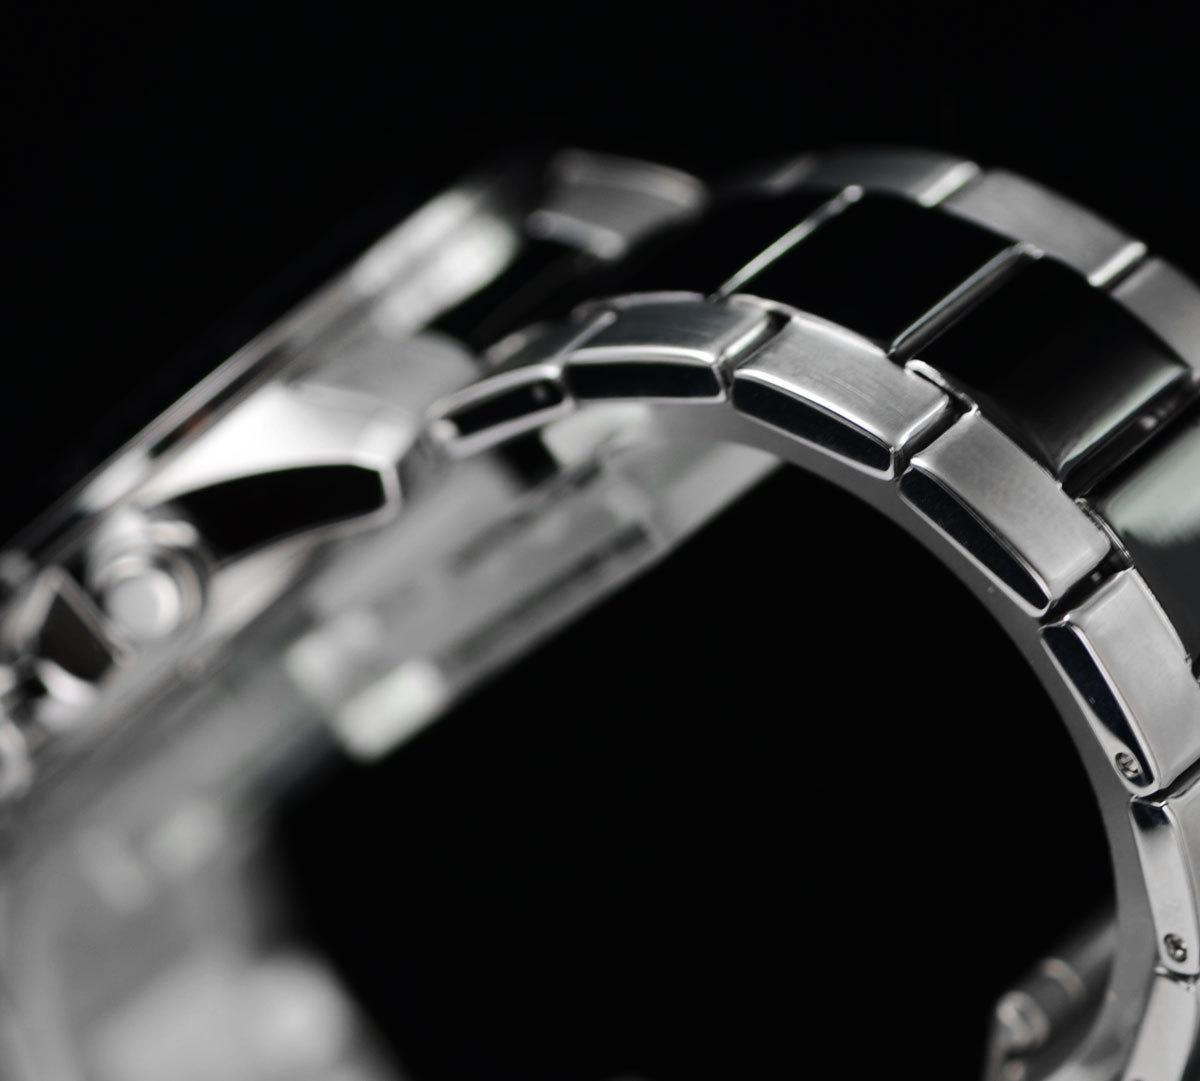 1円開始 カシオEDIFICEエディフィス 逆輸入 ブラックコンビネーション 100m防水 クロノグラフ 腕時計 新品 未使用 CASIO メンズ 本物_画像5